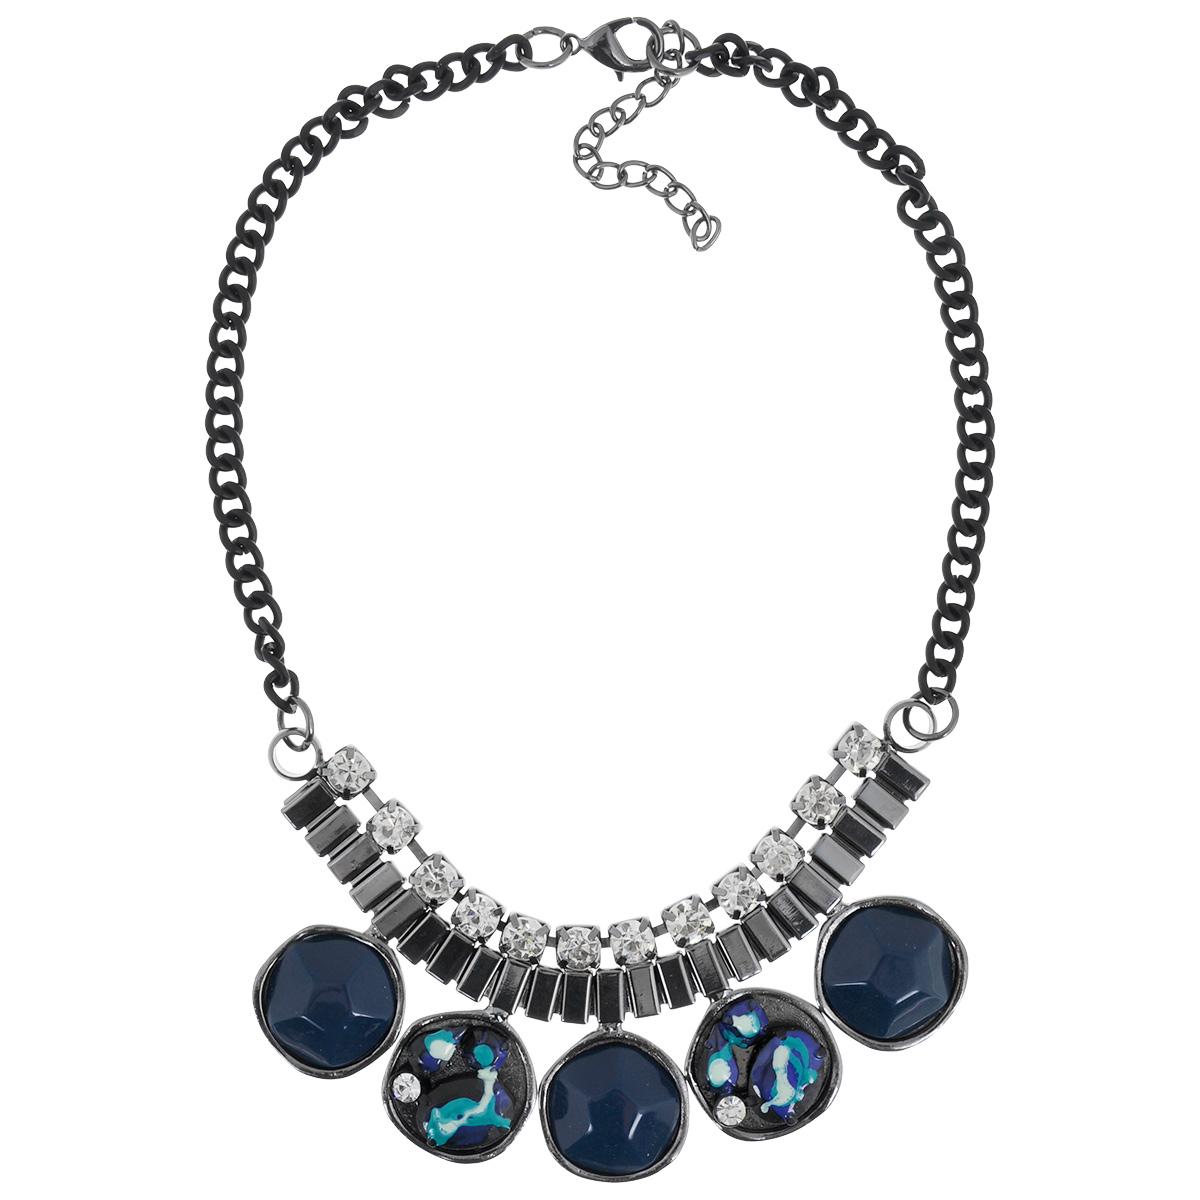 Колье Taya, цвет: черный, синий. T-B-7558T-B-7558-NECK-BK.BLUEКолье Taya, выполненное из гипоаллергенного сплава на основе латуни не оставит равнодушной ни одну любительницу изысканных и необычных украшений. Представляет собой одноярусные бусы, декорированные стразами, пластиком синего цвета и металлом. Колье имеет надежную застежку-карабин с регулирующей длину цепочкой. Такое колье позволит вам с легкостью воплотить самую смелую фантазию и создать собственный, неповторимый образ.